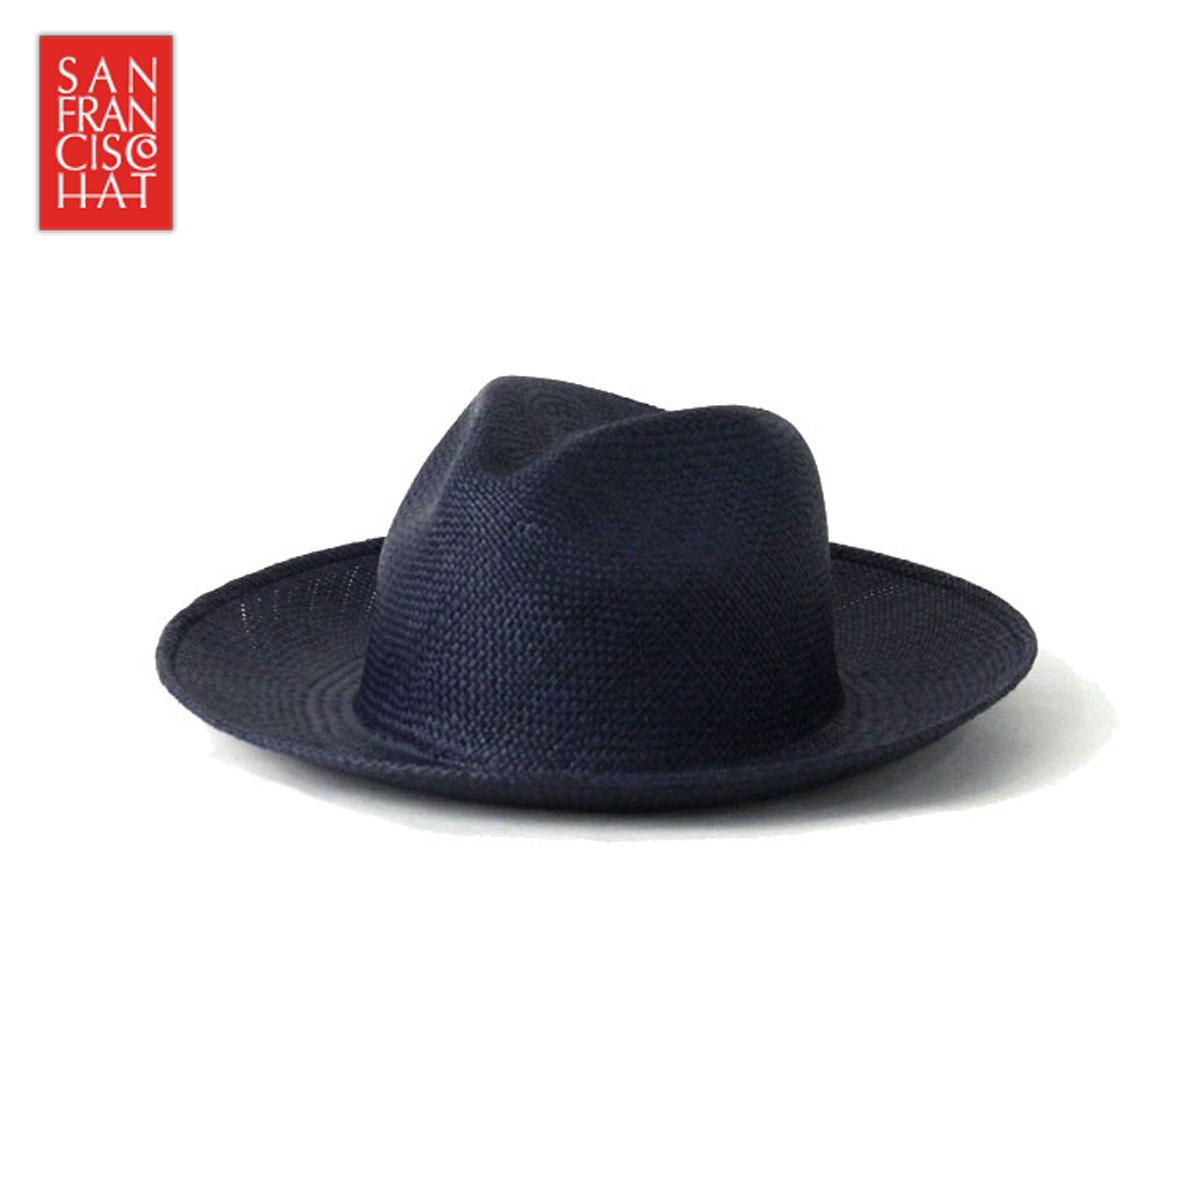 【販売期間 6/4 10:00~6/11 09:59】 サンフランシスコハット SANFRANCISC HAT 正規販売店 正規品 帽子 ハット BRISA FEDORA 8CM NAVY D15S 父の日